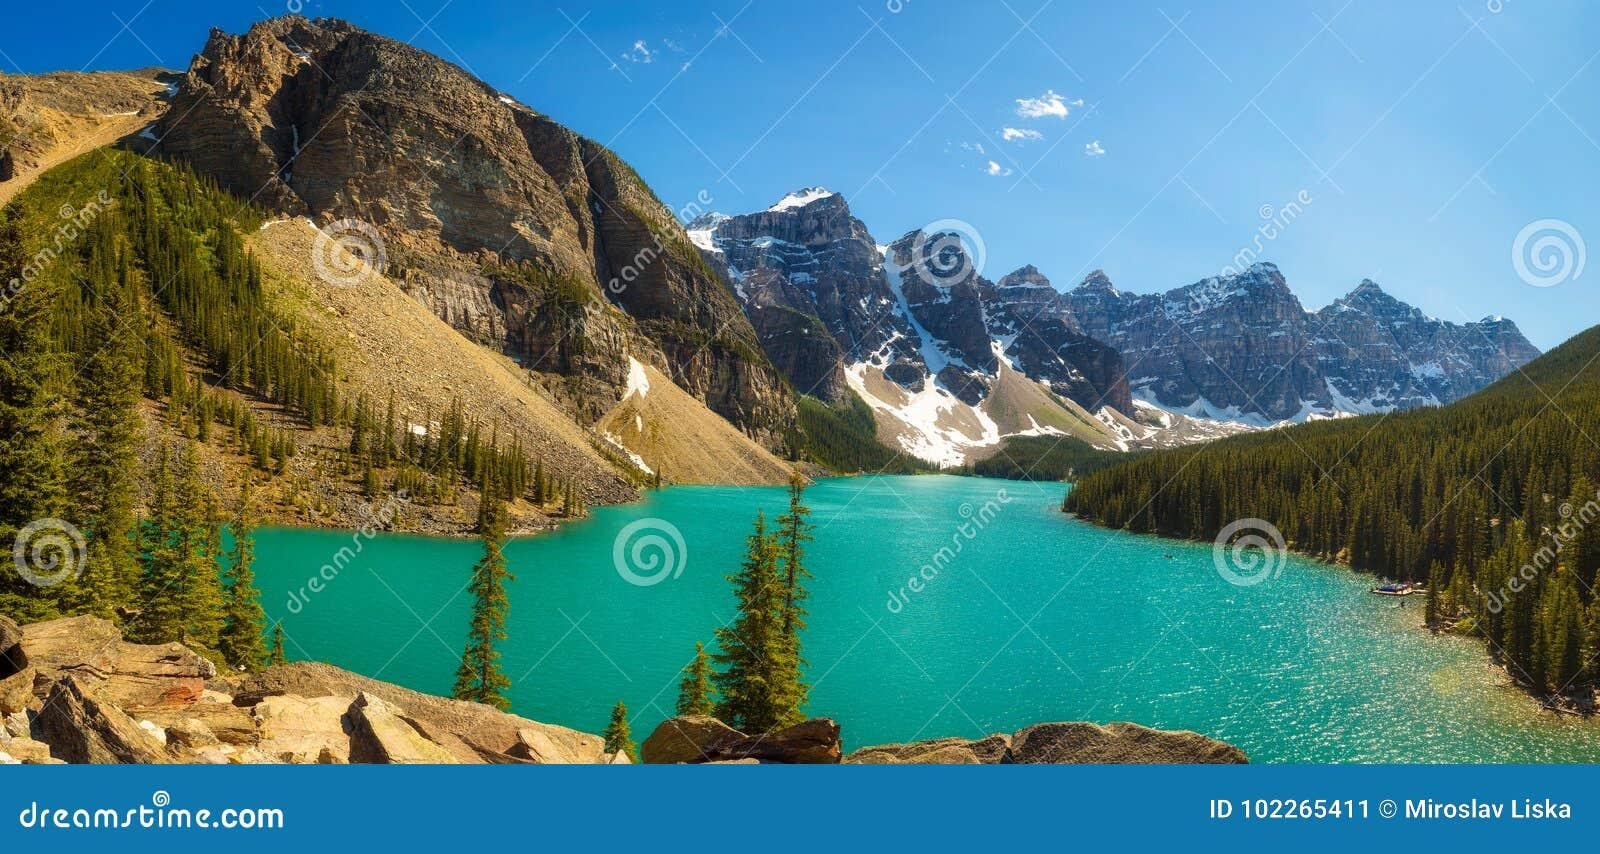 Día soleado en el lago moraine en el parque nacional de Banff, Alberta, Canadá